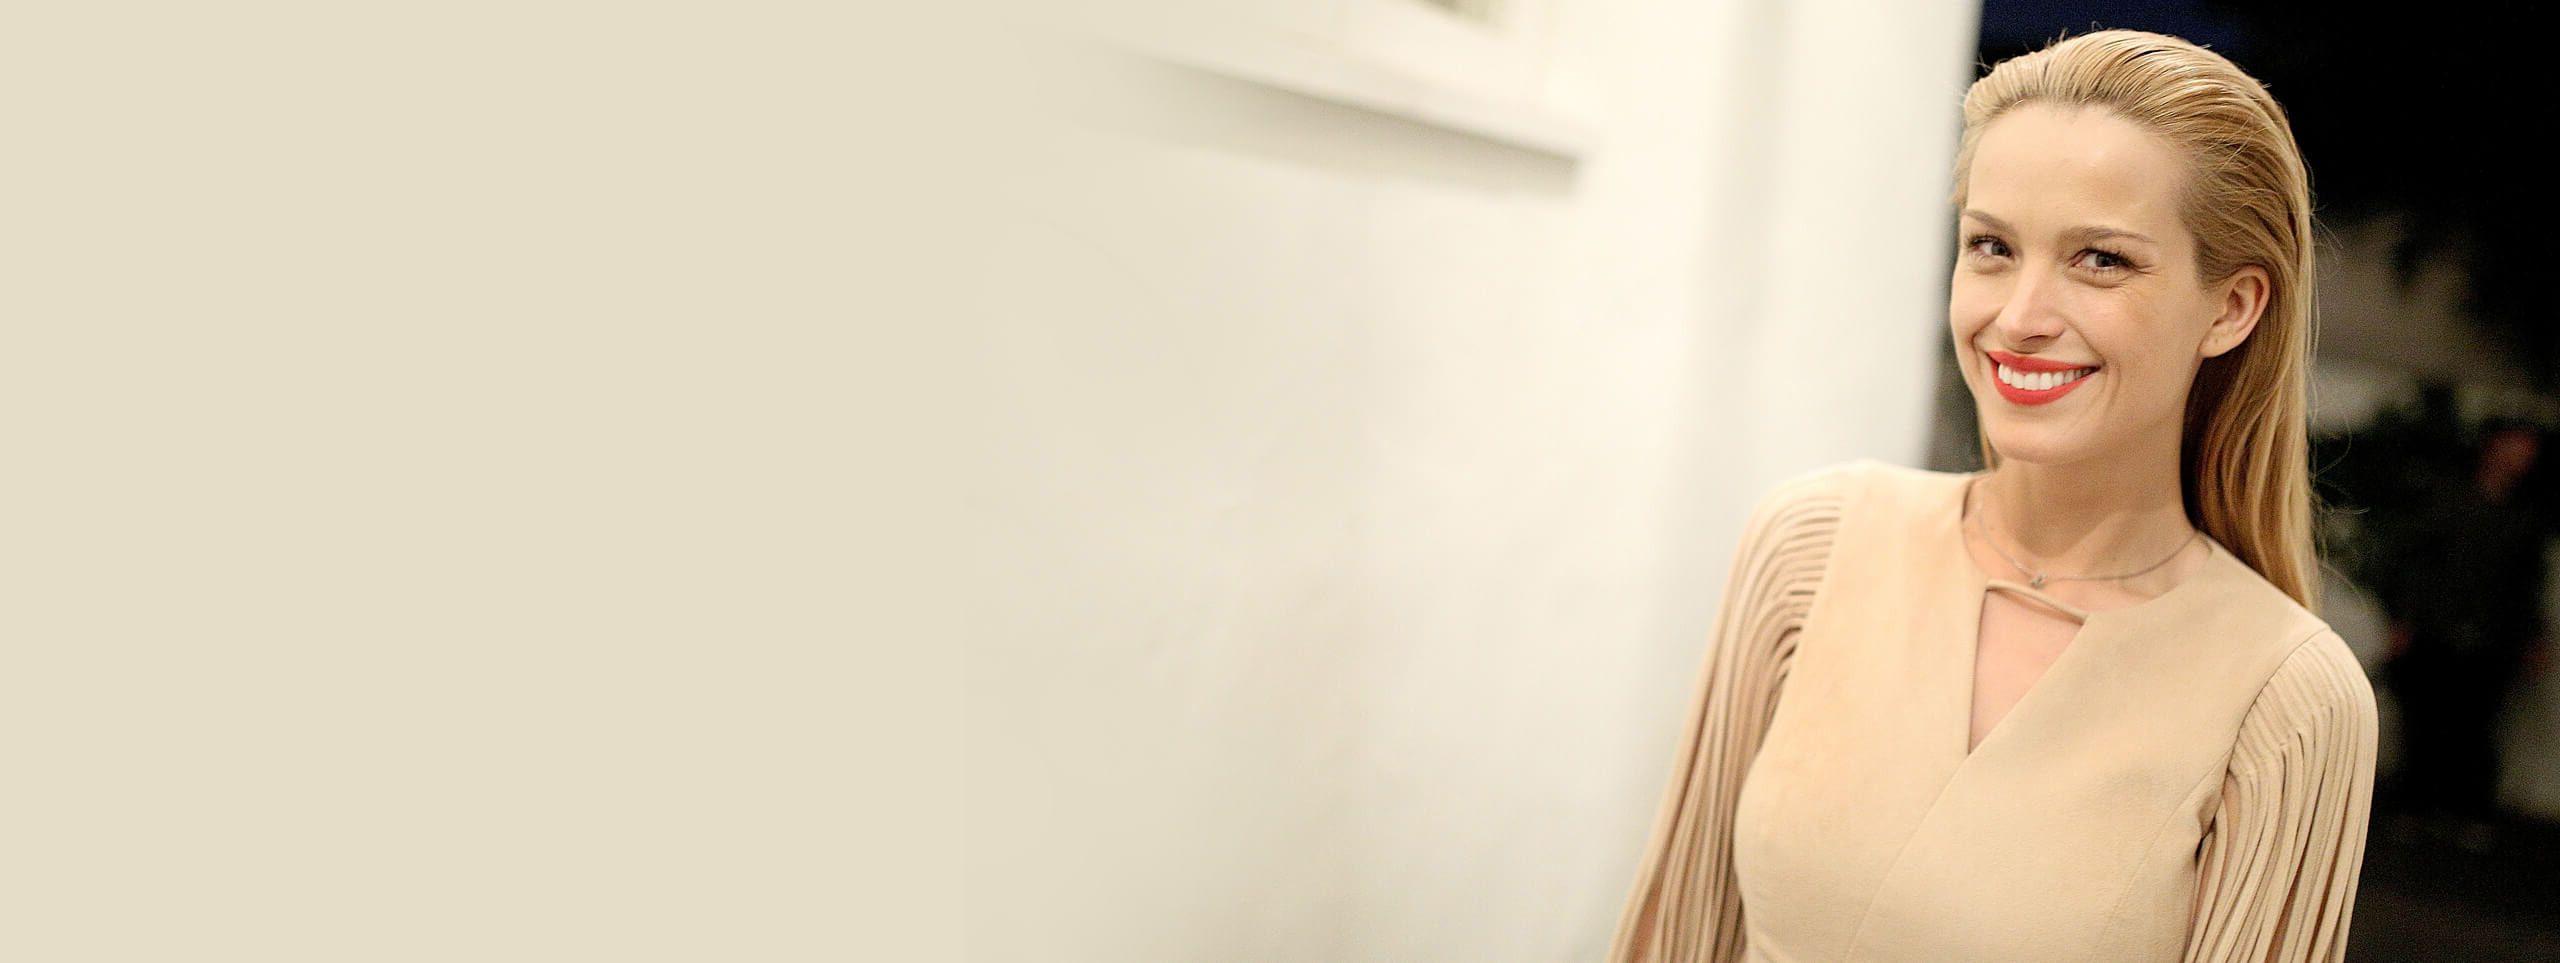 Femme blonde cheveux en arrière